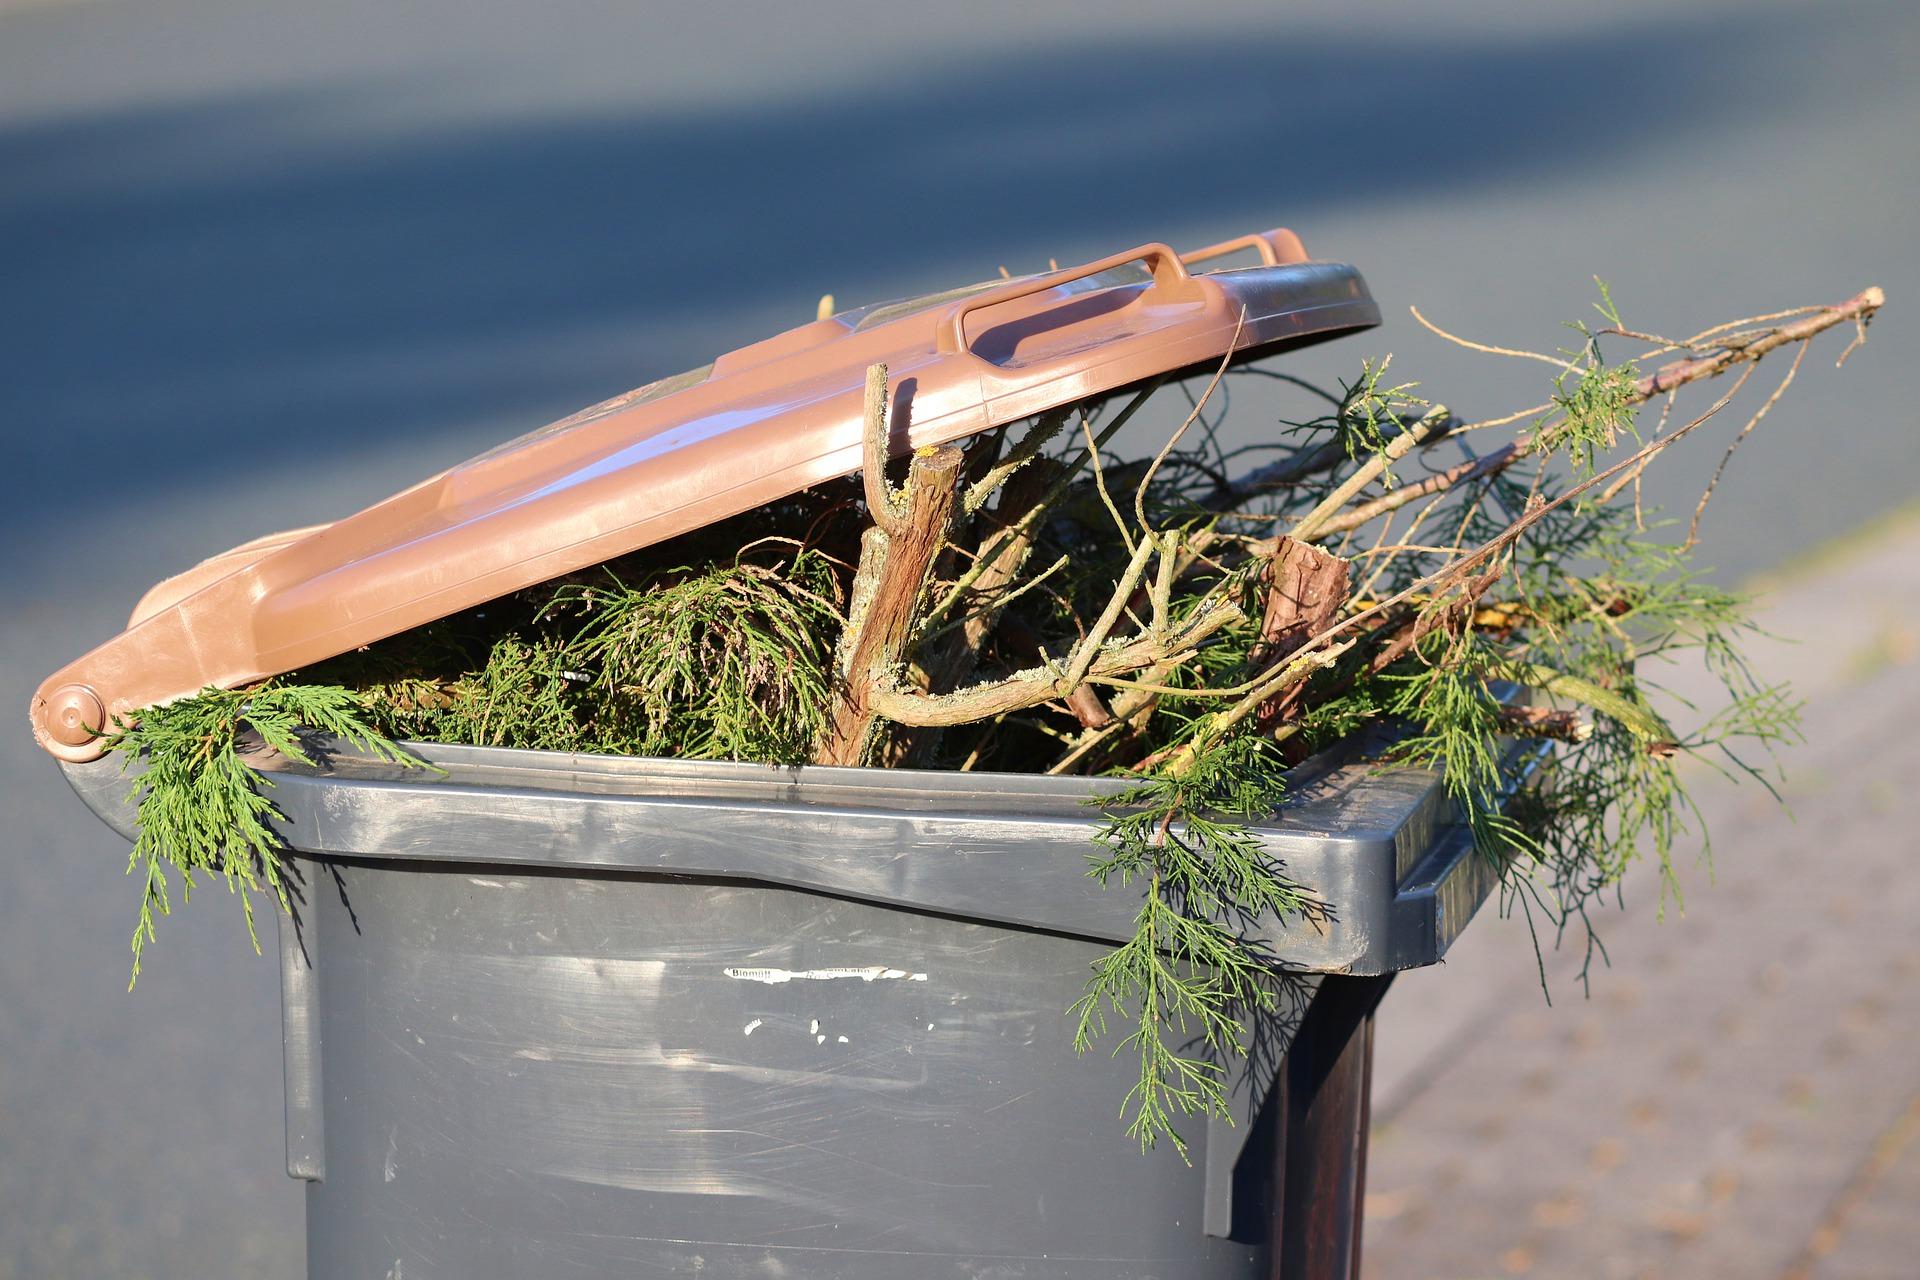 Lata de lixo cheia de galhos de árvores